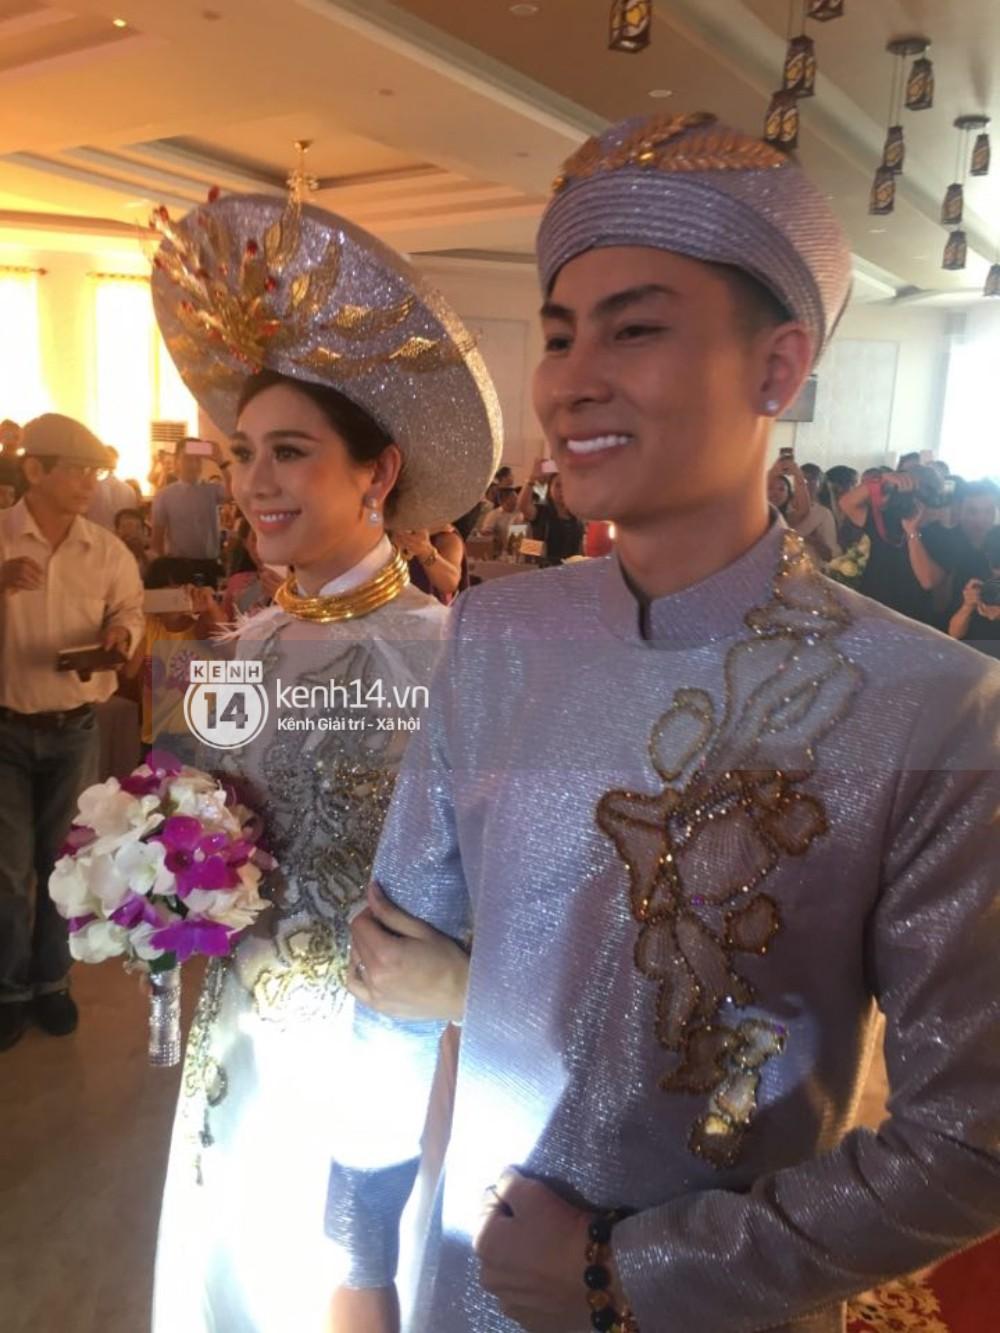 Lâm Khánh Chi hôn đắm đuối chú rể, thay váy đỏ nổi bần bật như công chúa trong lễ cưới - Ảnh 11.